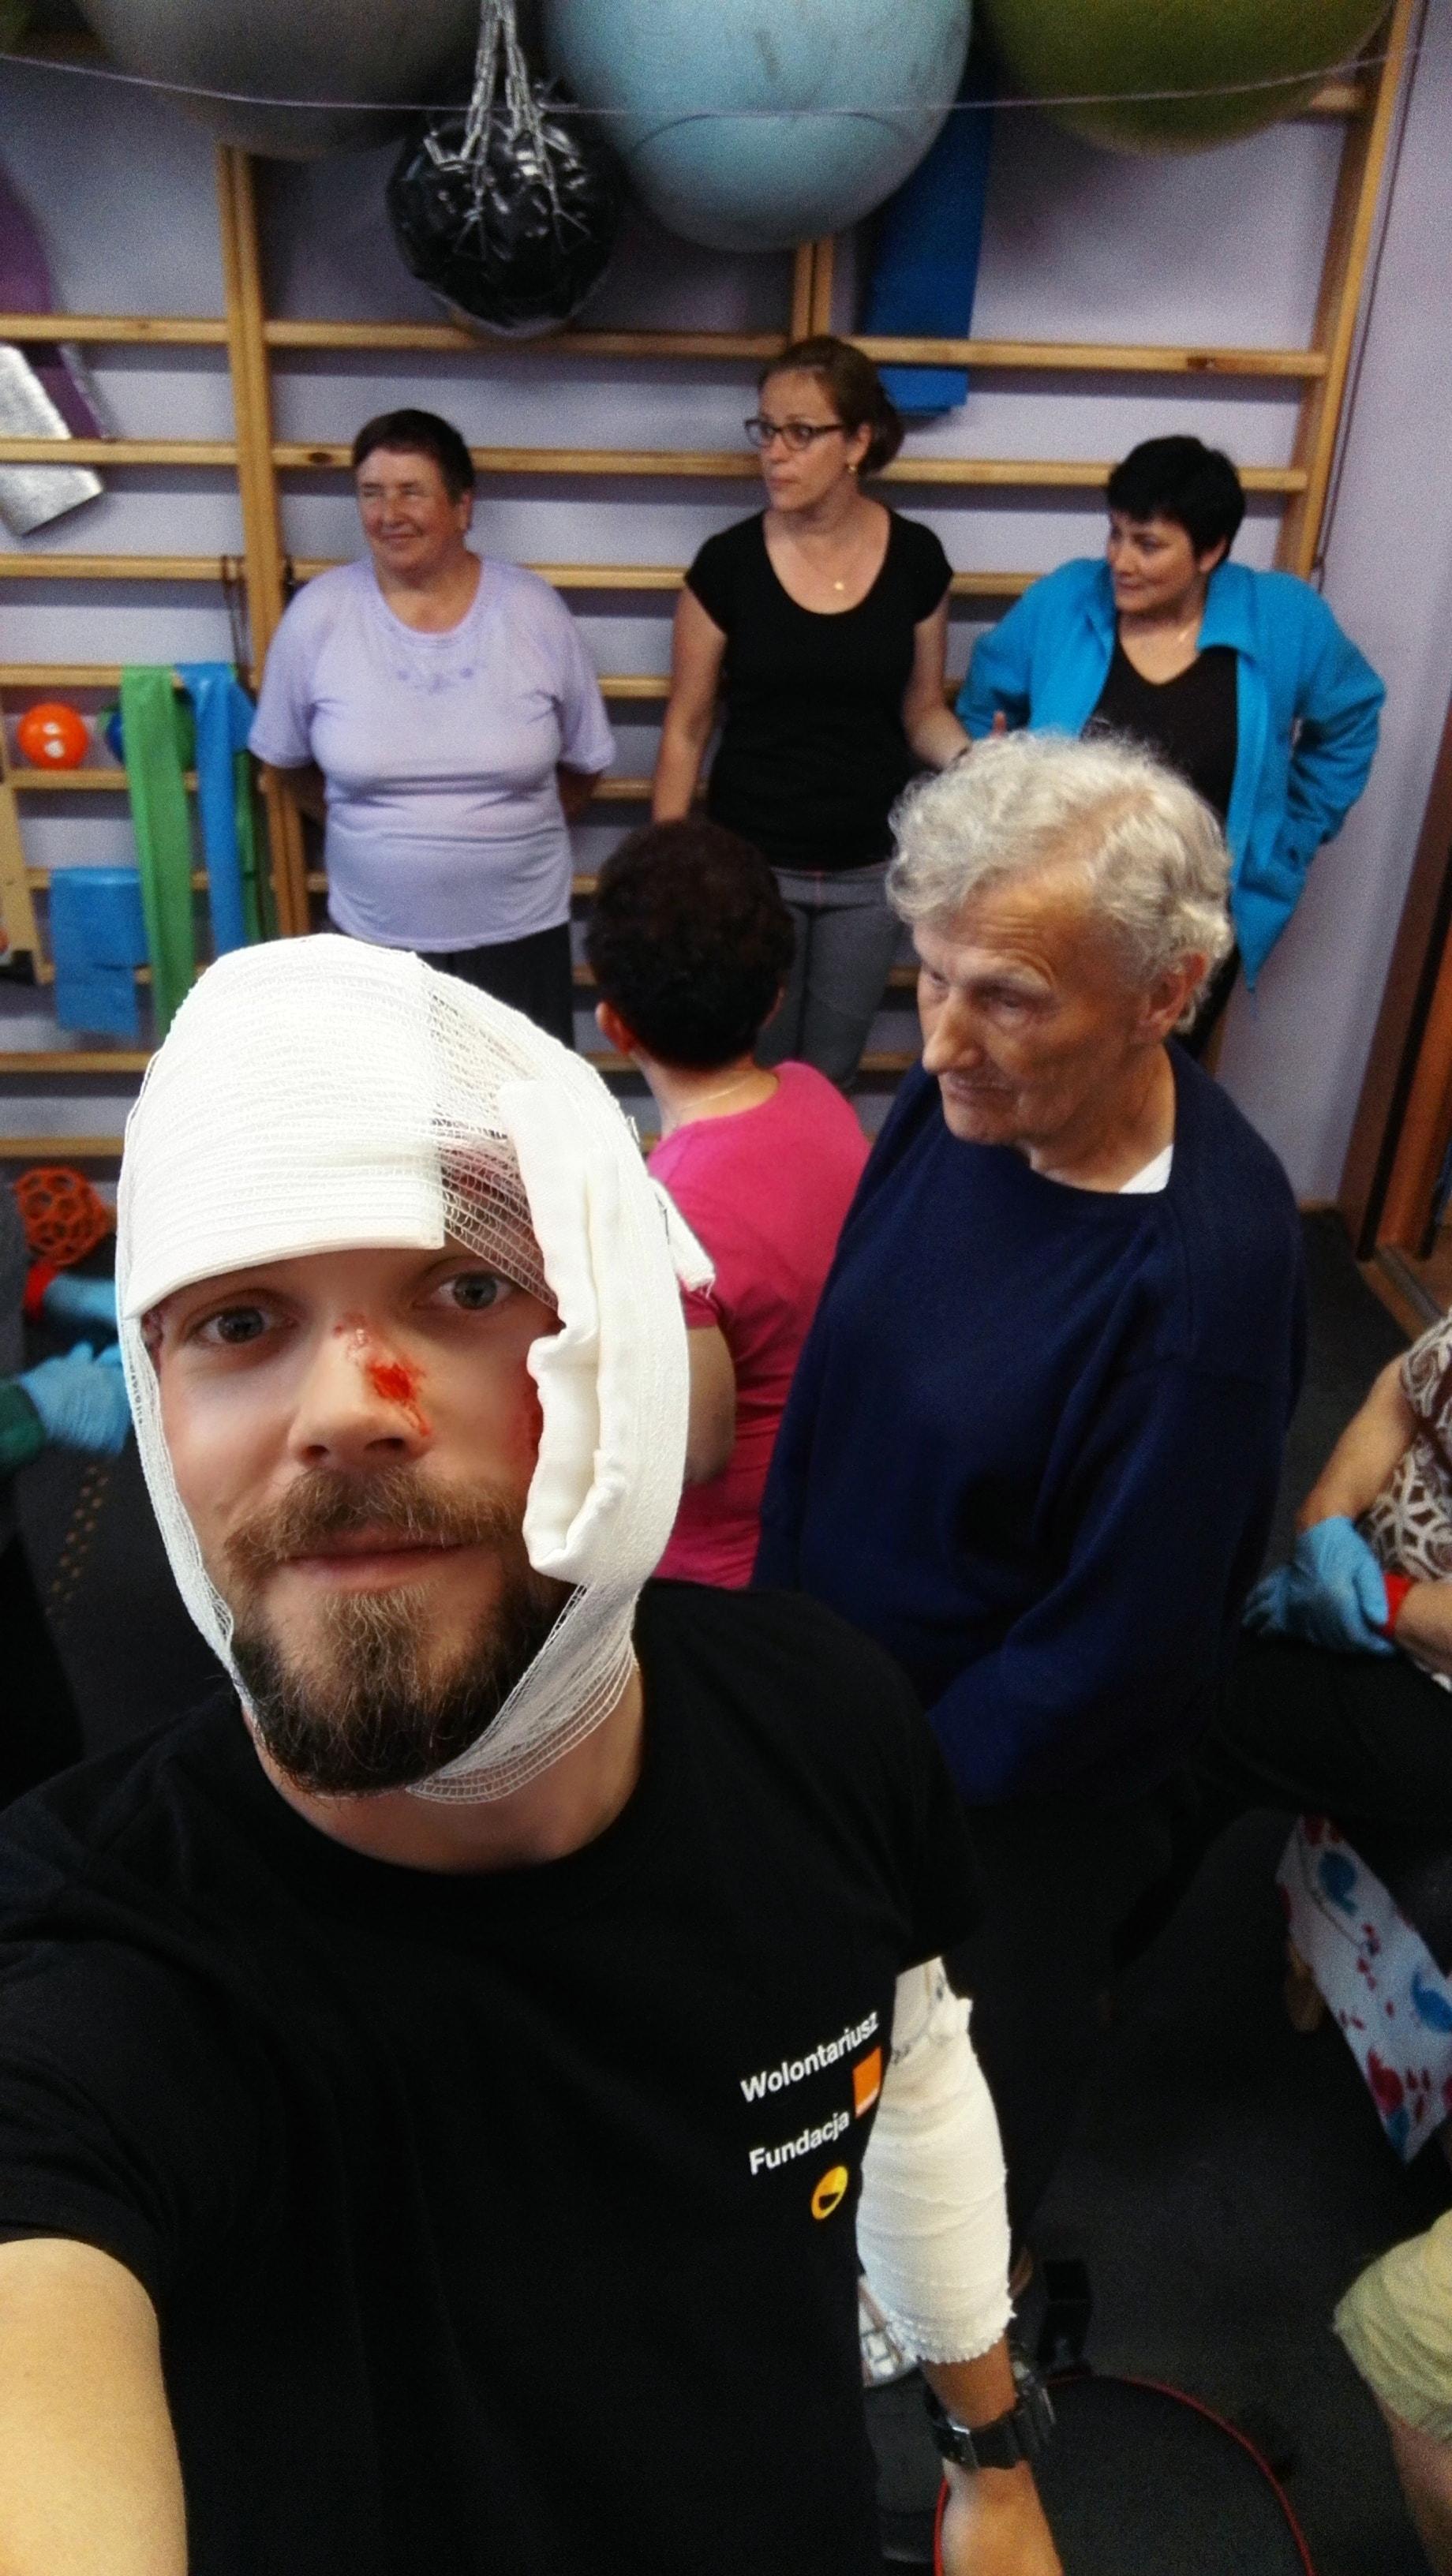 pierwsza pomoc osób starszych, pozorant, praca w grupie, dobra zabawa